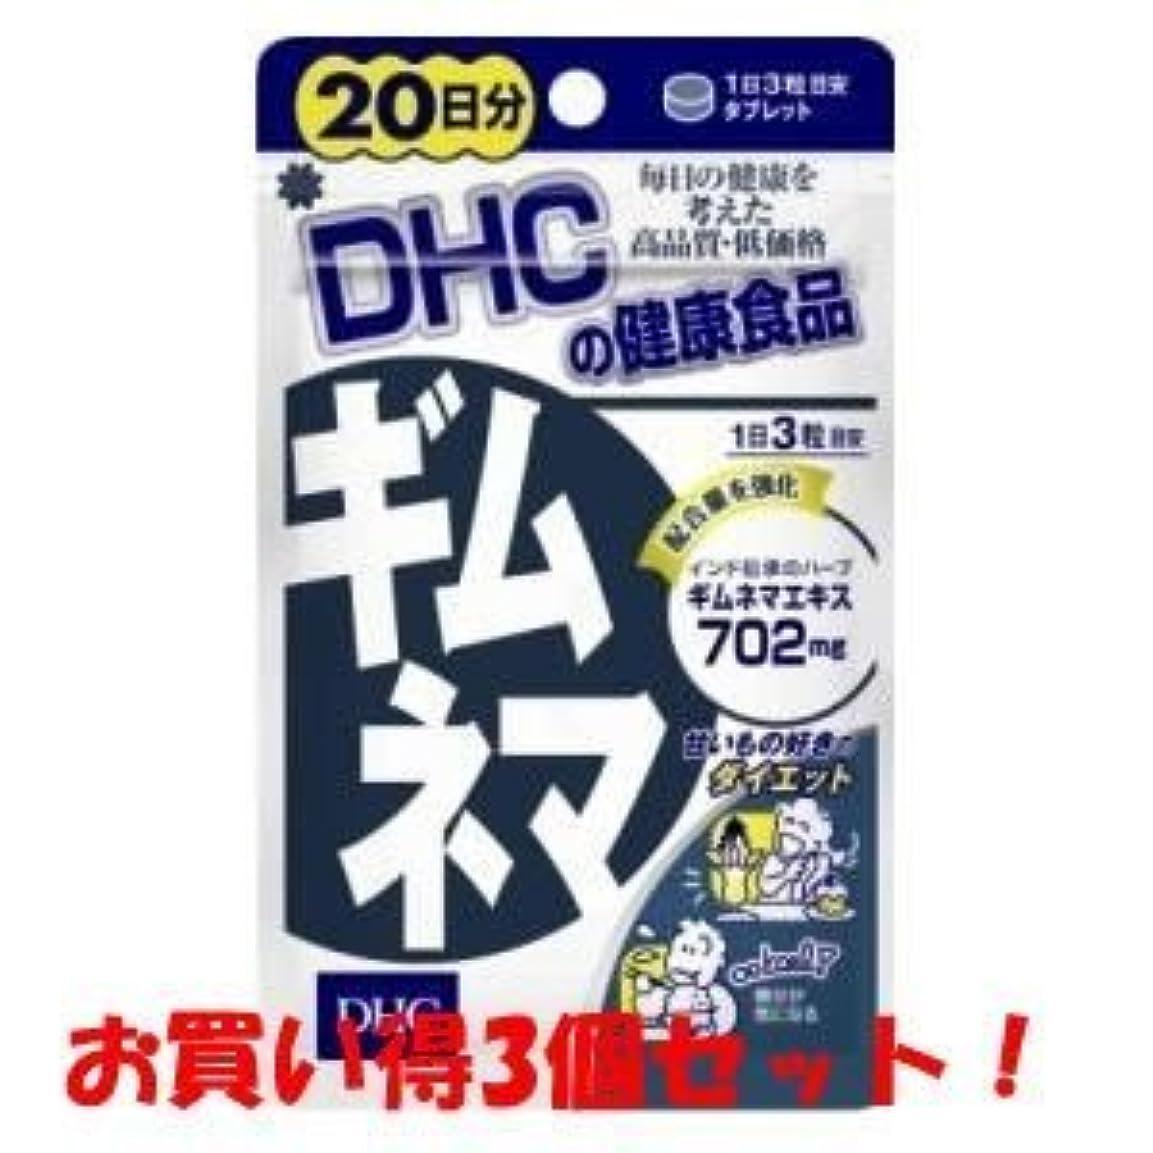 ロック広がり楽観DHC ギムネマ 20日分 60粒(お買い得3個セット)